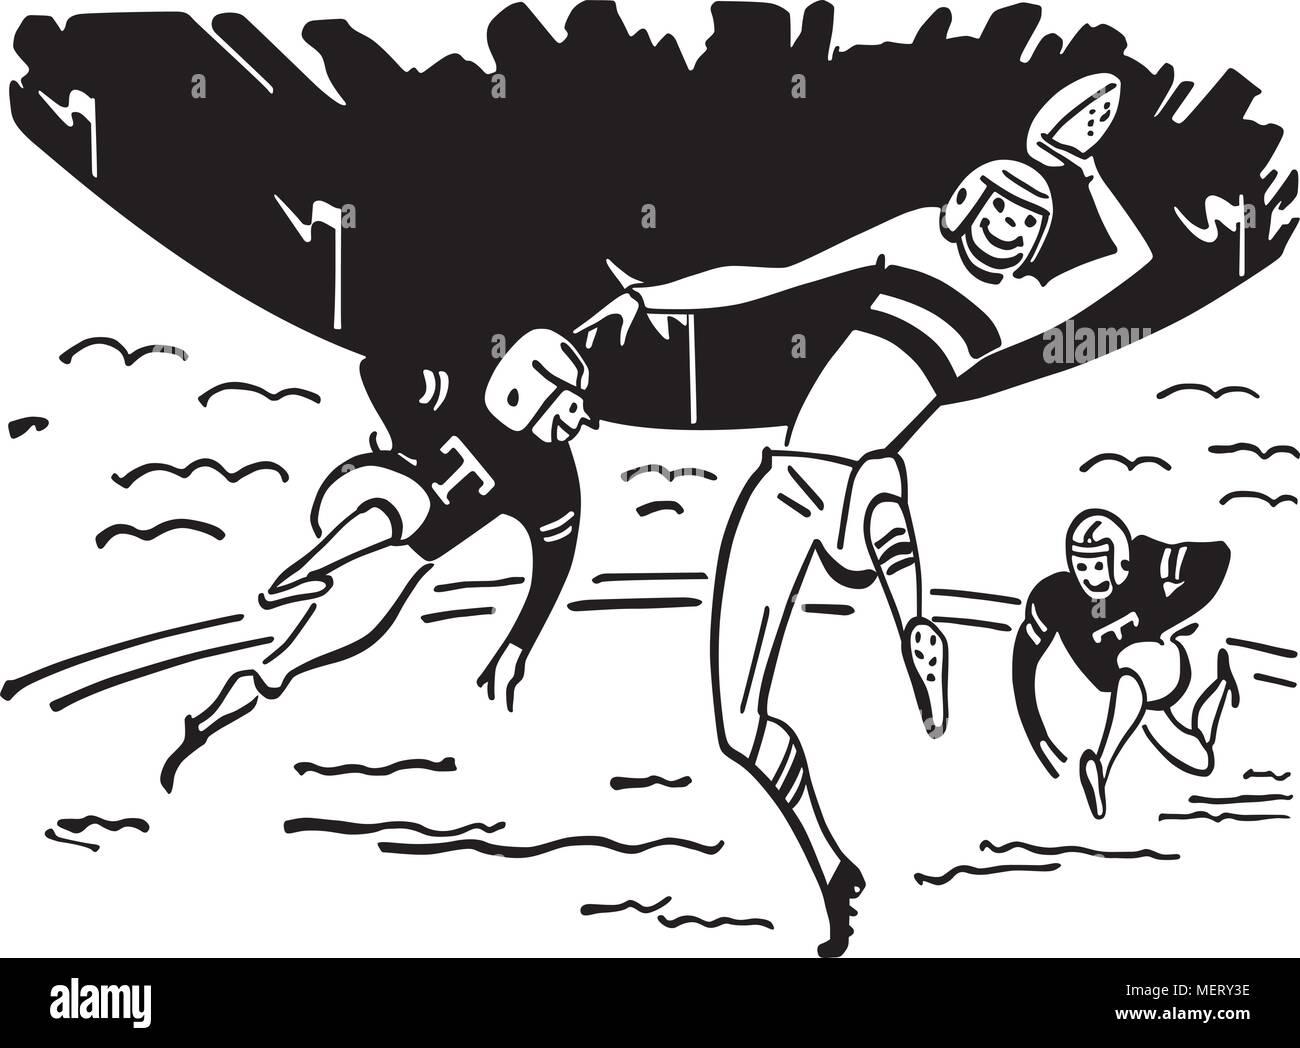 El fútbol es diversión - Retro Ilustración Clipart Ilustración del Vector